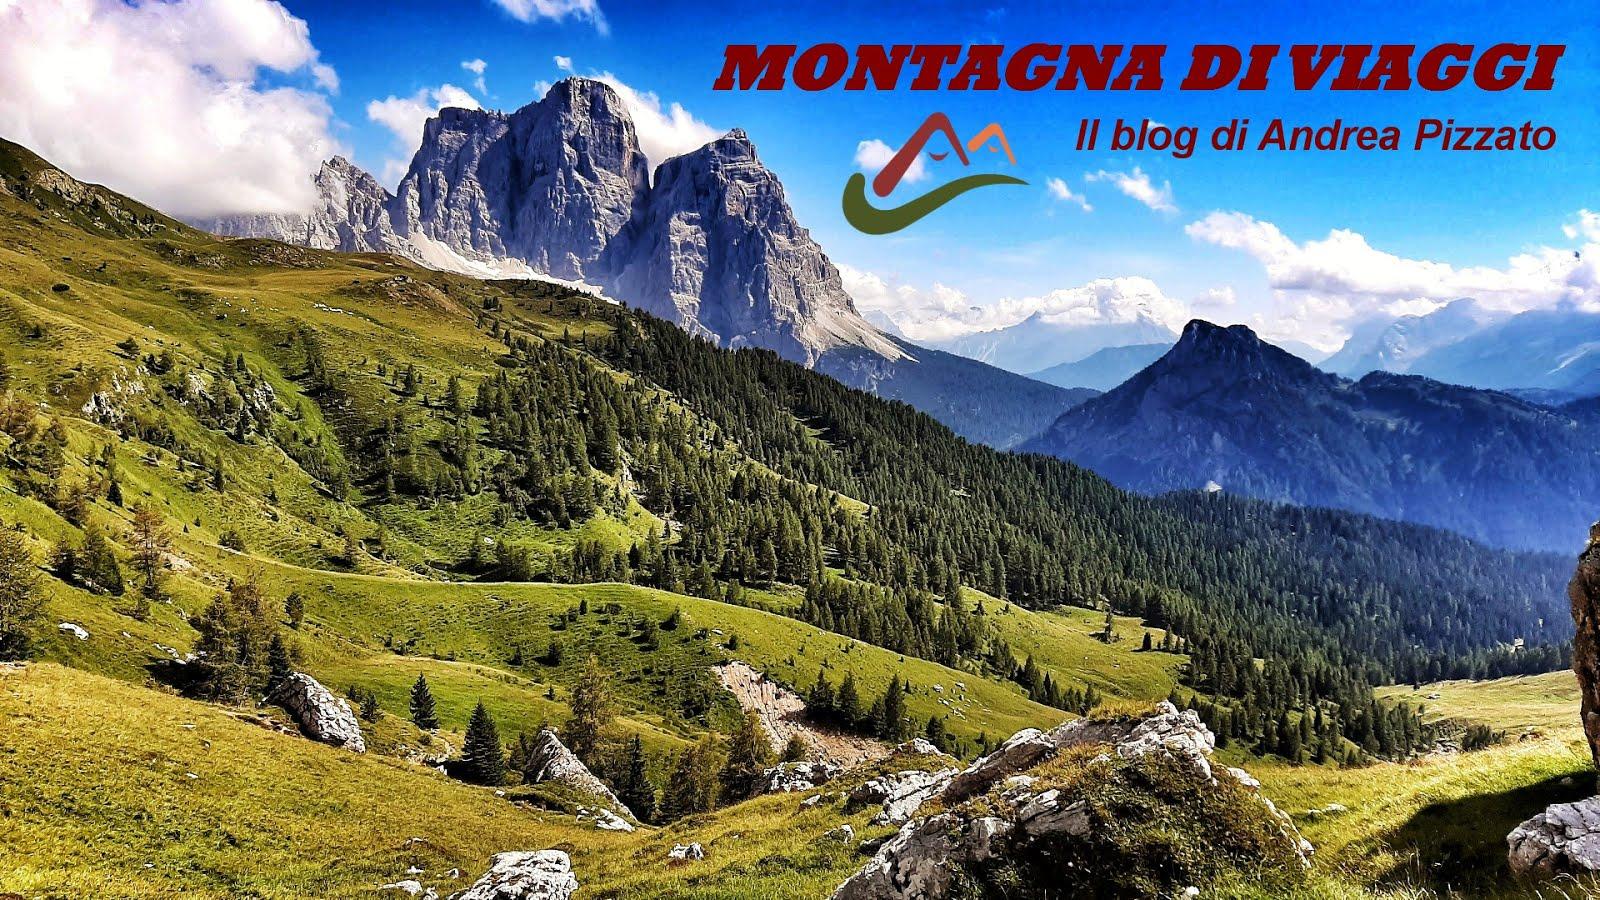 Ambienti Riva Del Garda 6 cascate da vedere a riva del garda e dintorni - montagna